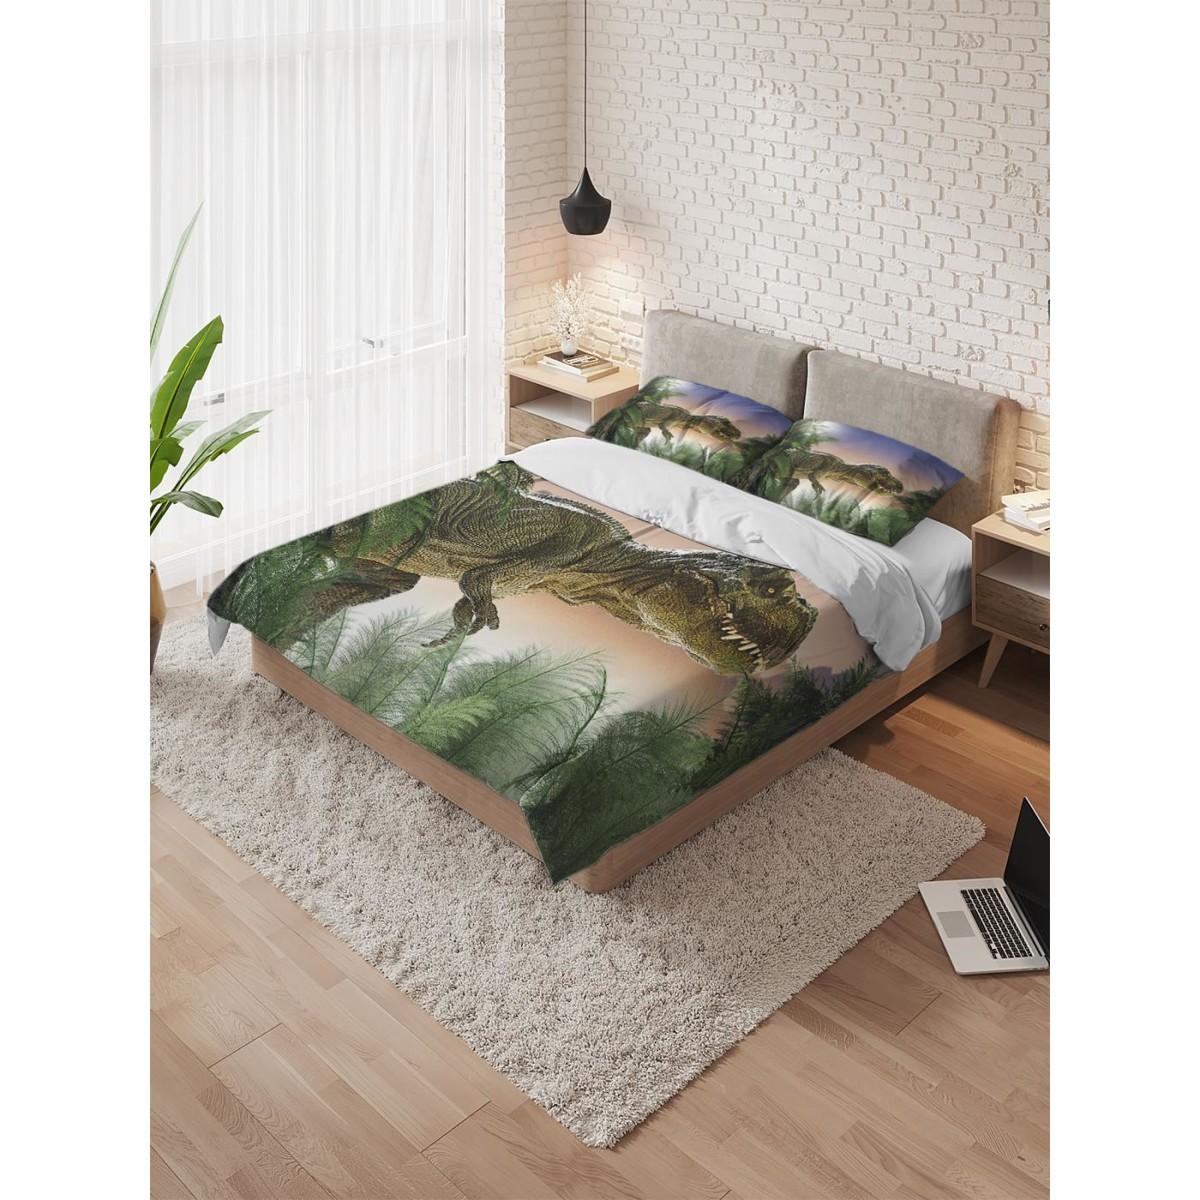 Комплект пододеяльника с наволочками AMBESONNE «Динозавр на охоте» полутораспальный микрофибра